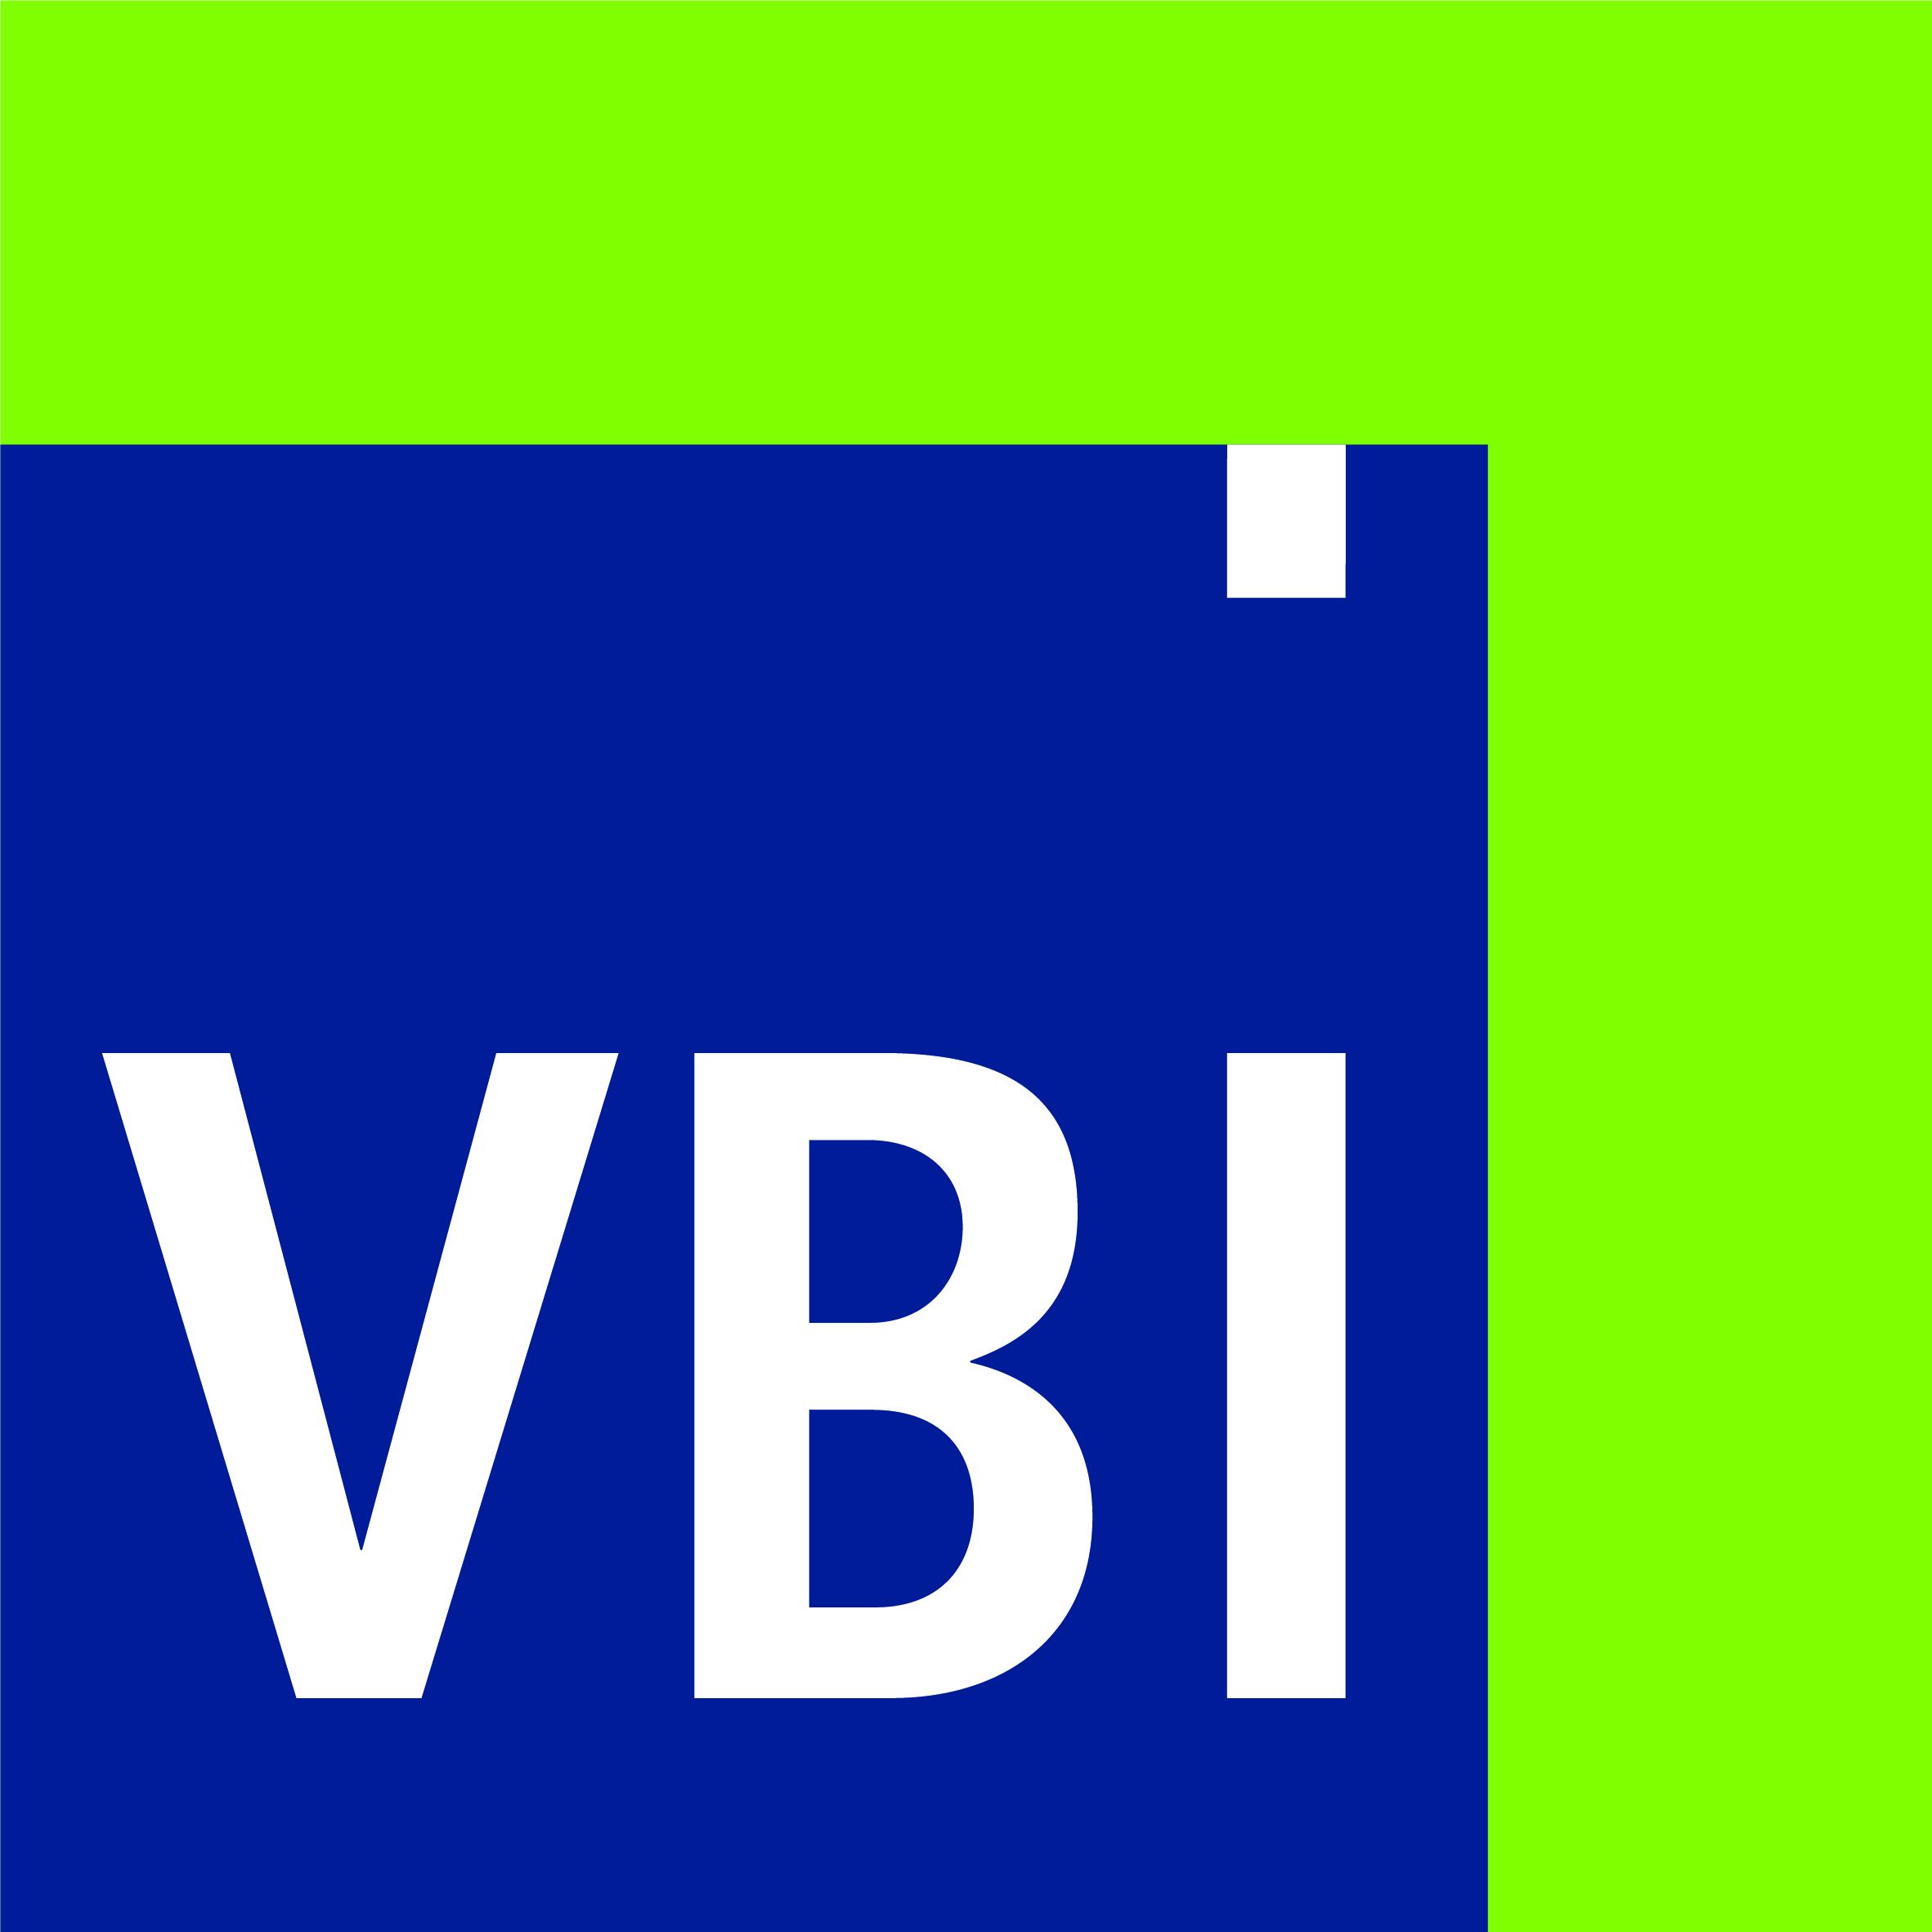 https://www.ccsaar.de/wp-content/uploads/2021/06/VBI_Logo.jpg